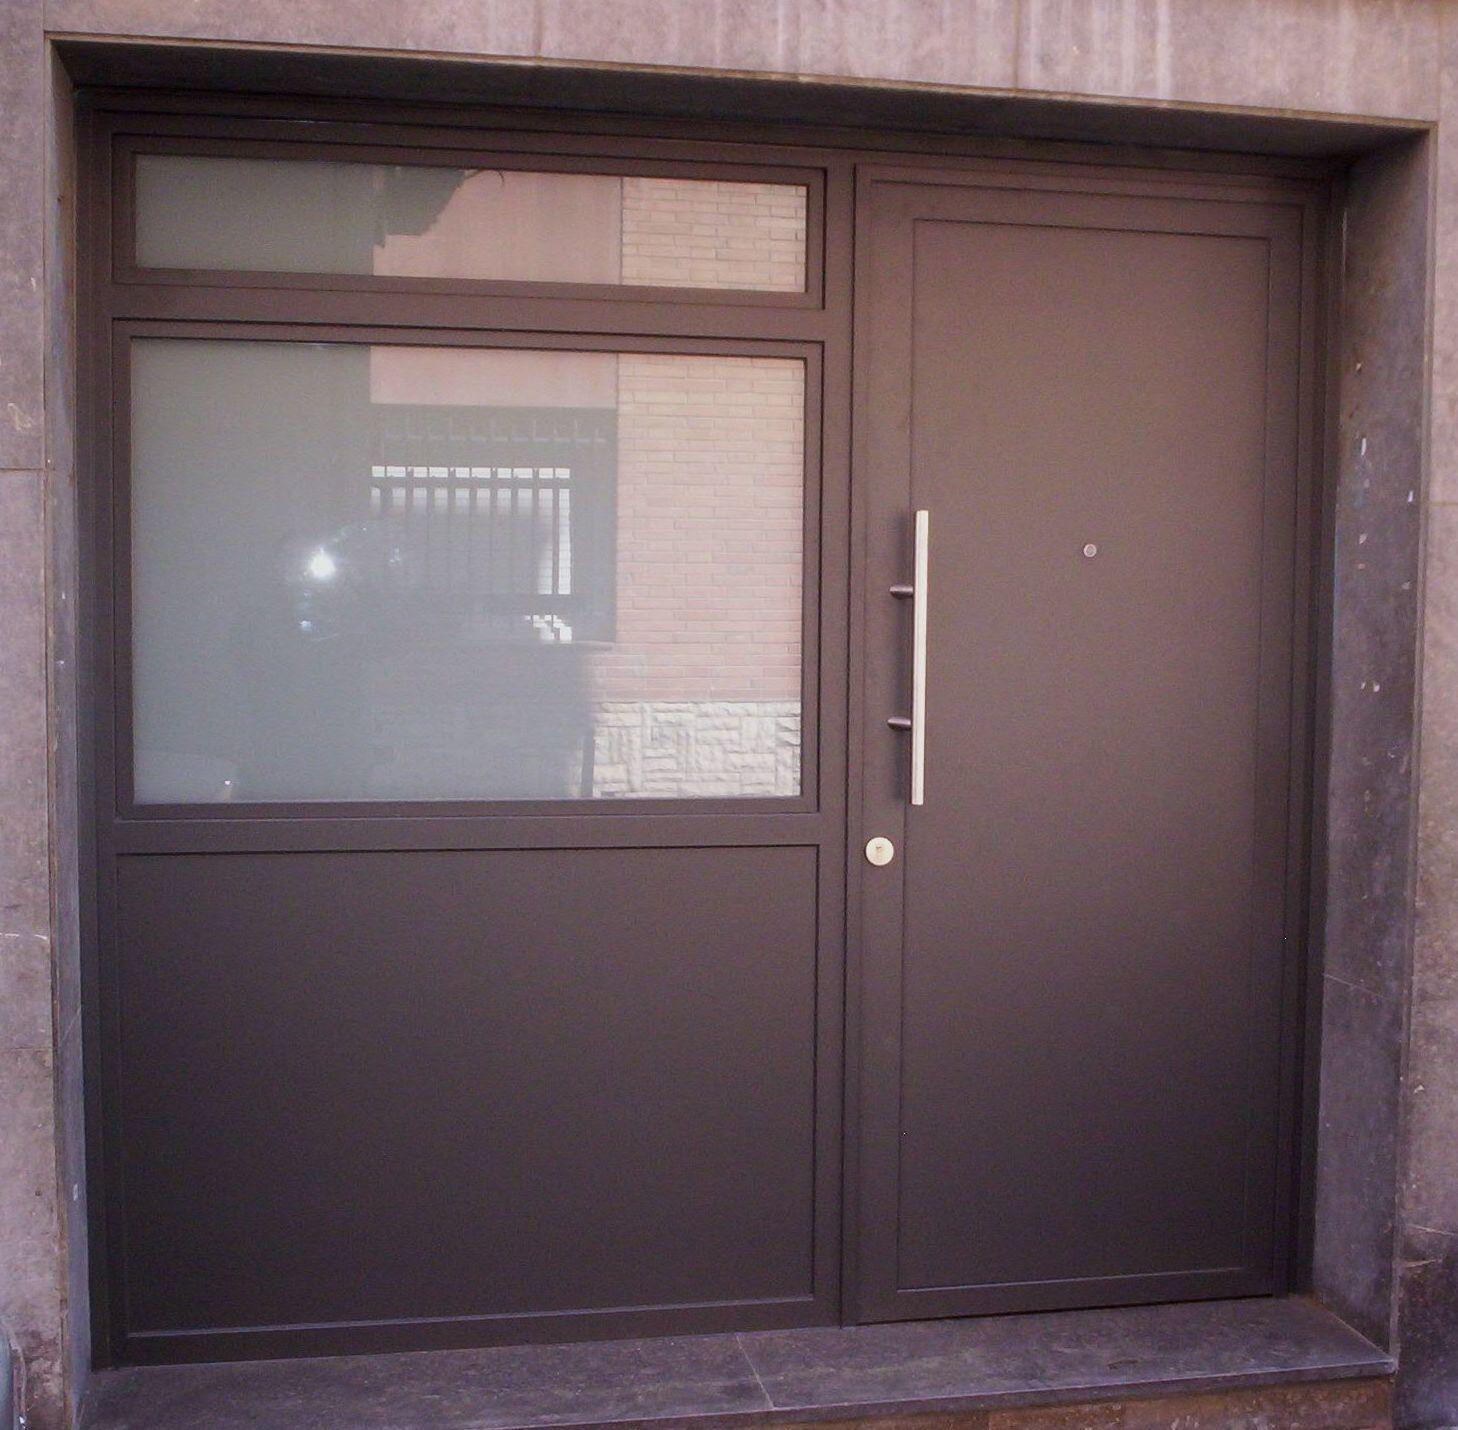 Puertas para comunidades en barcelona puertas miret - Puertas madera barcelona ...